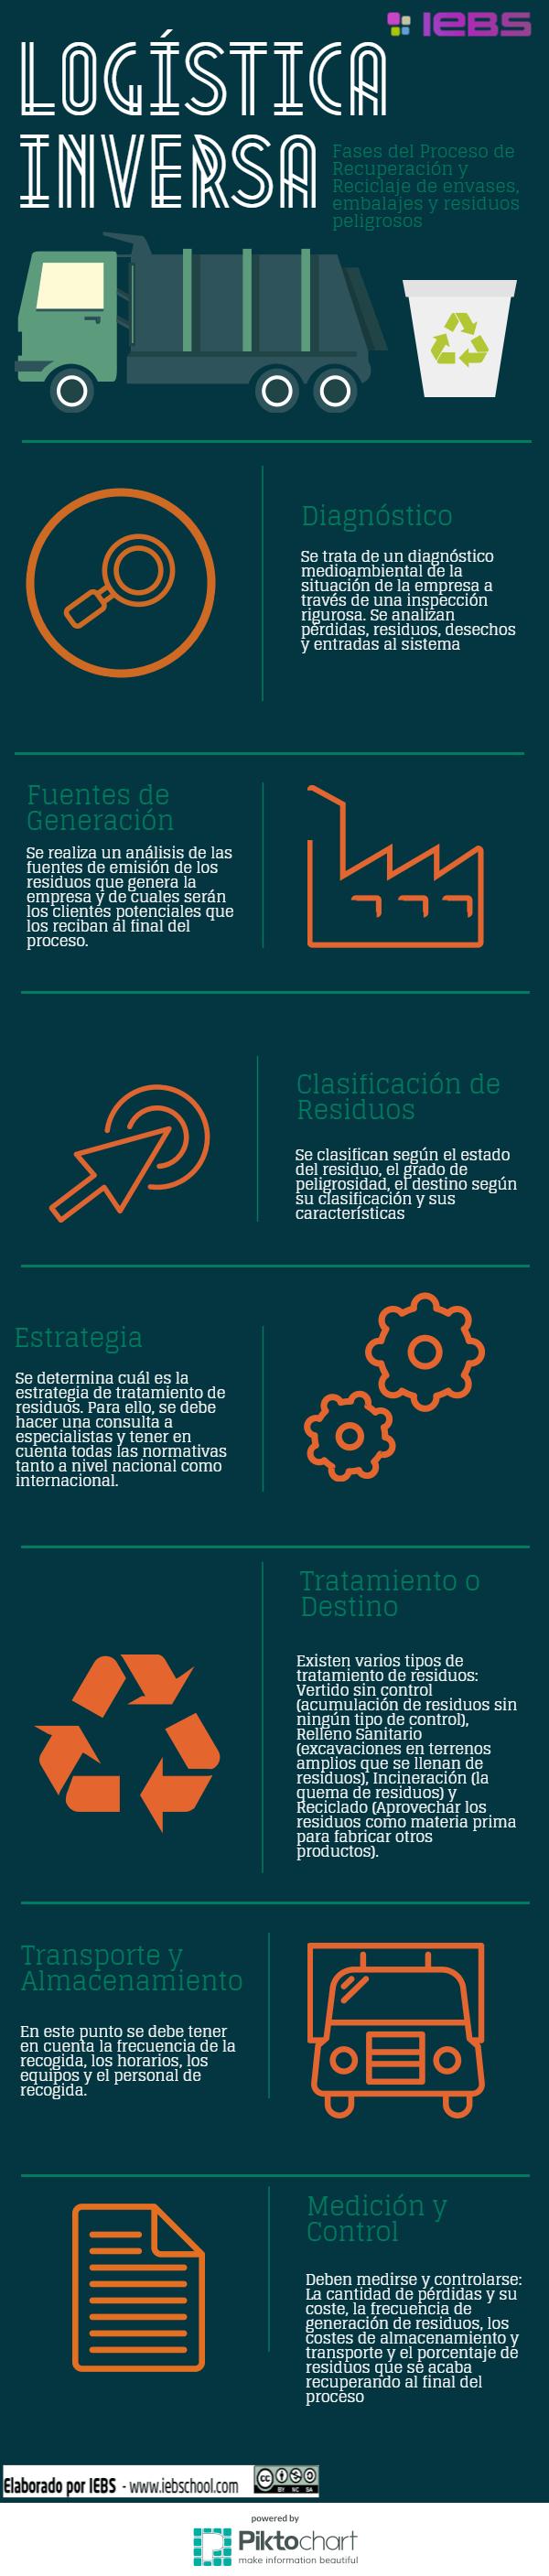 Sobre la Logística Inversa y sus fases [infografía] - Logística Inversa 1